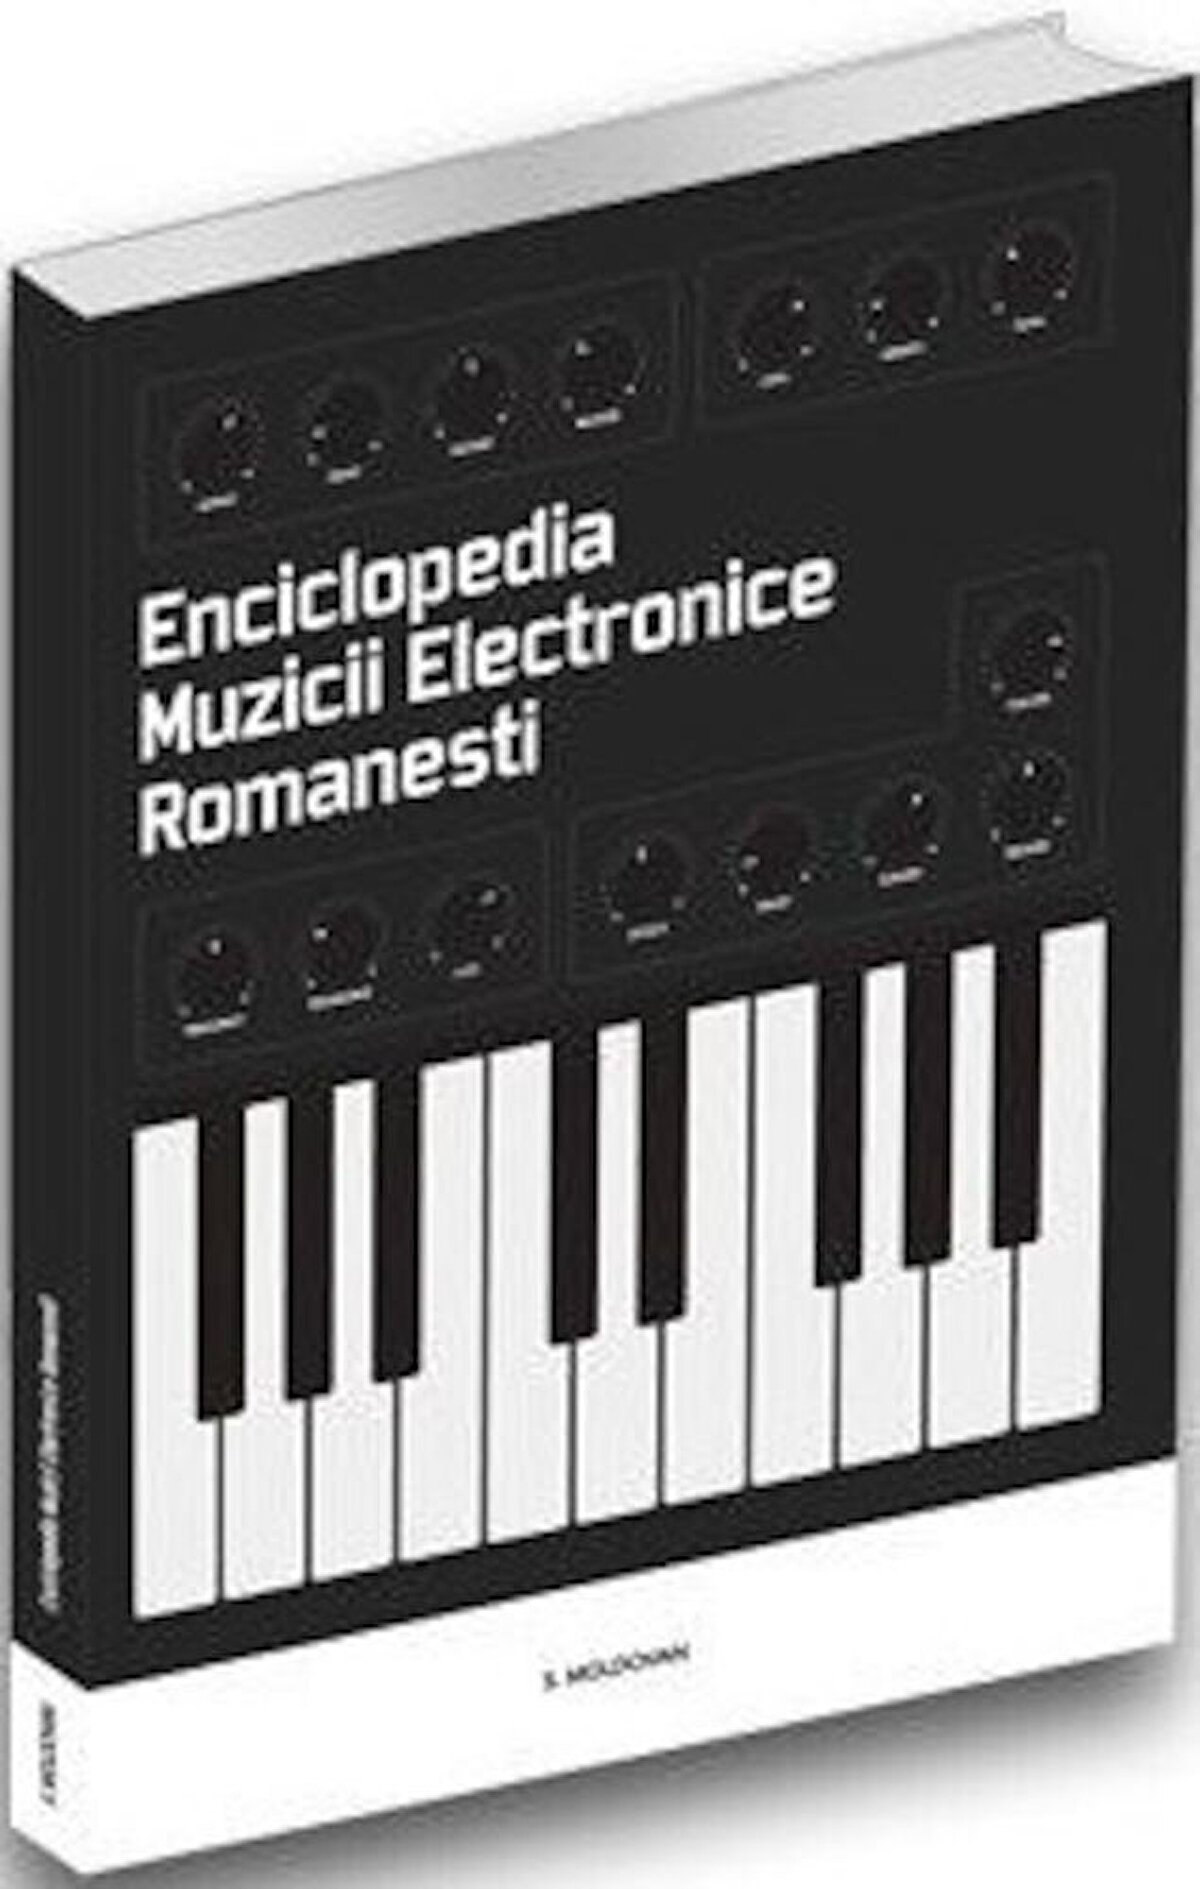 Enciclopedia muzicii electronice romanesti